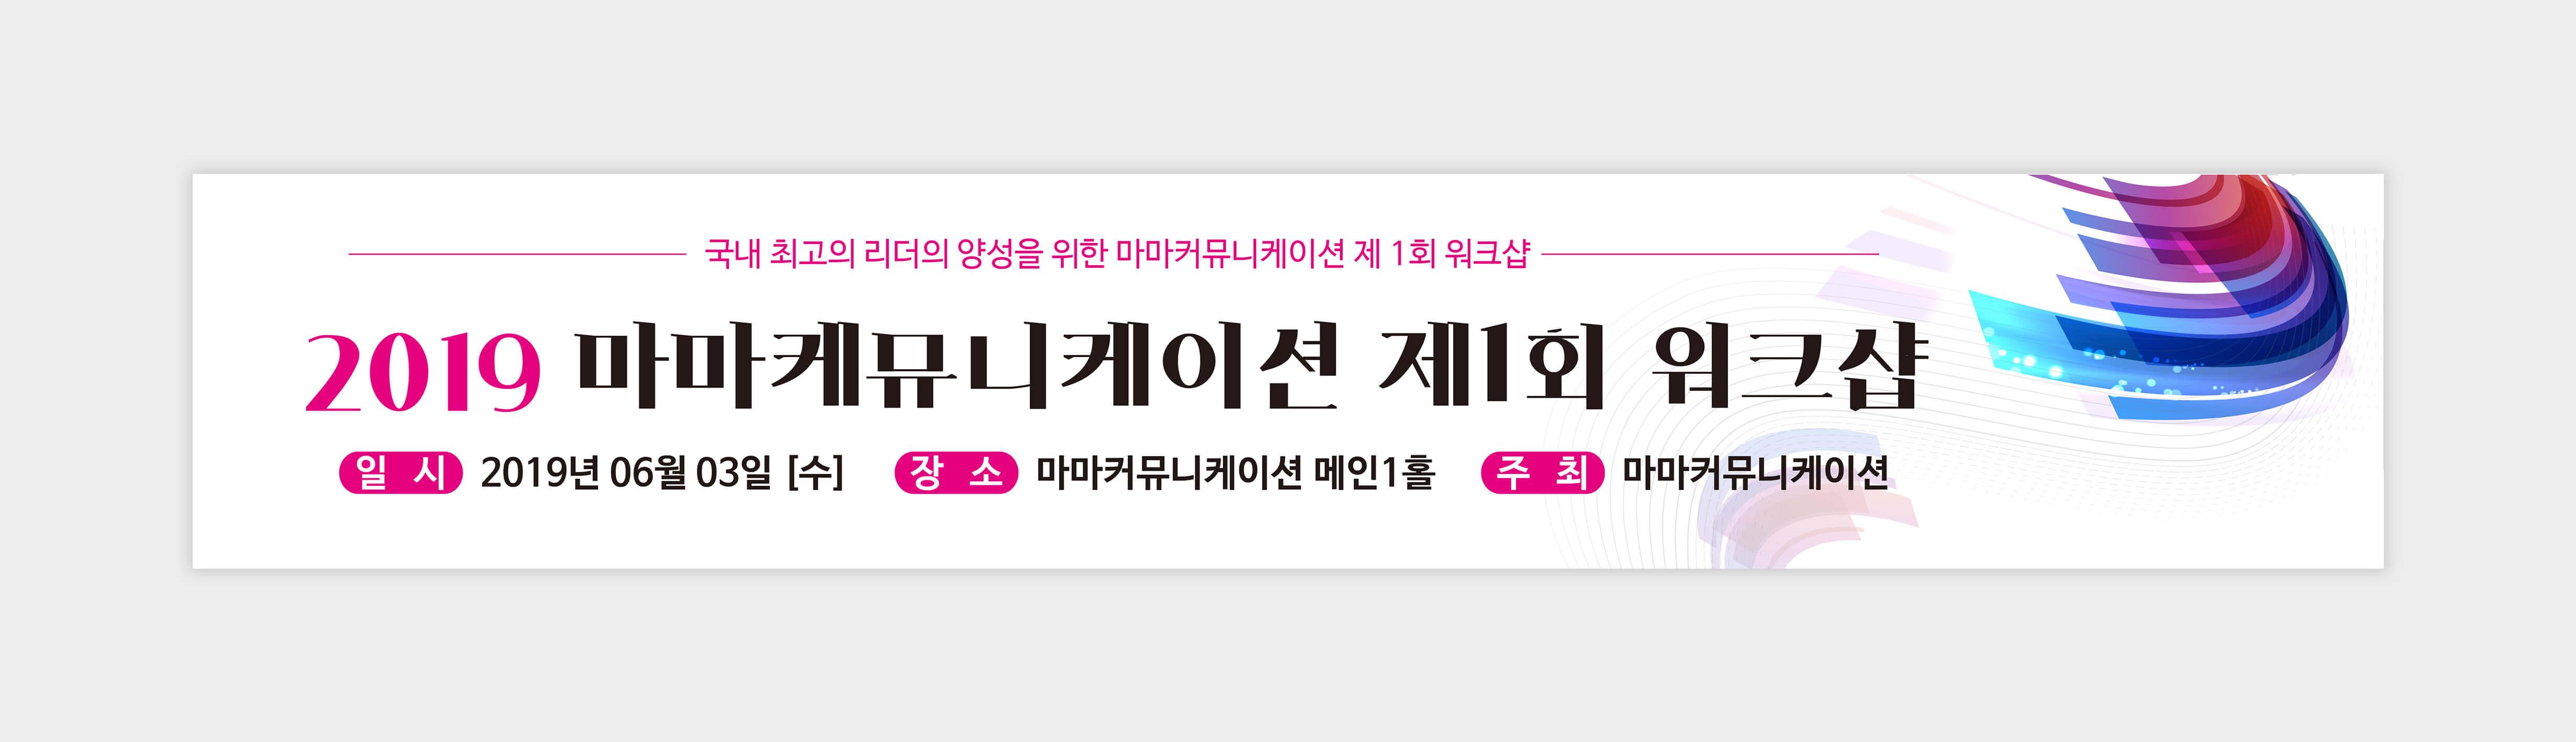 현수막_099